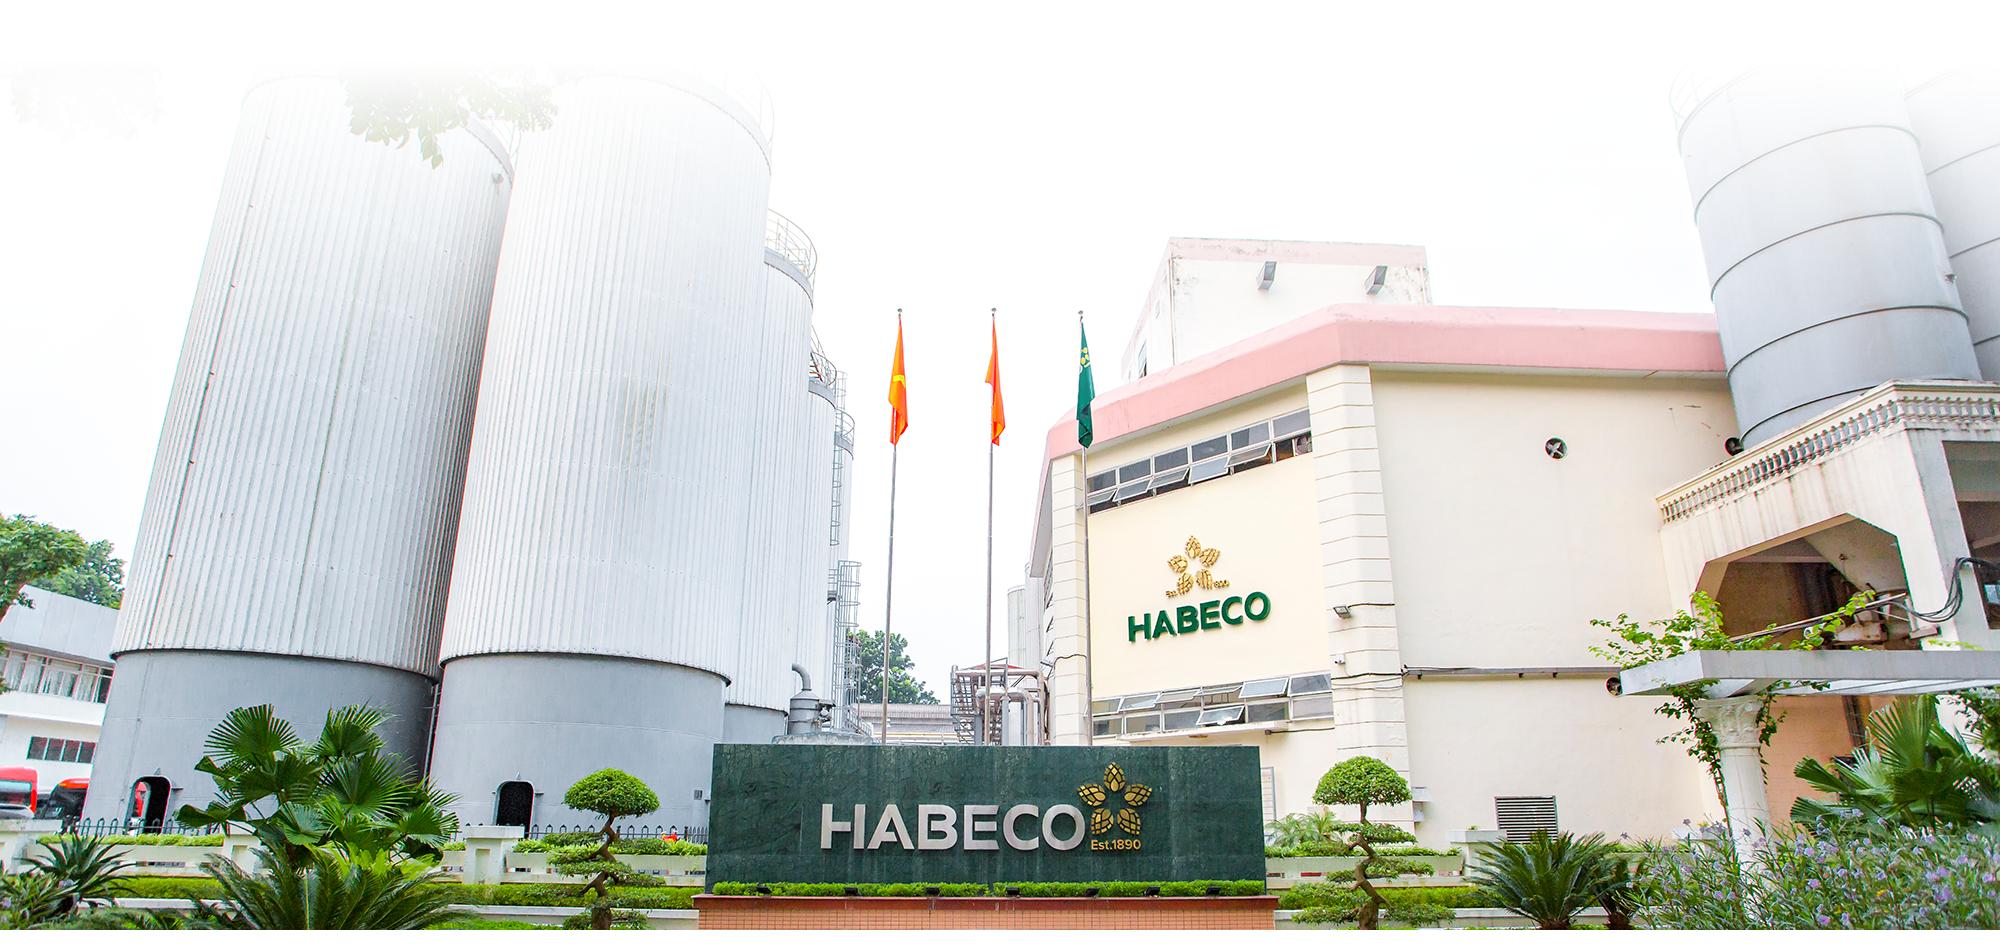 HABECO – Sẵn sàng cho hành trình mới - Ảnh 10.